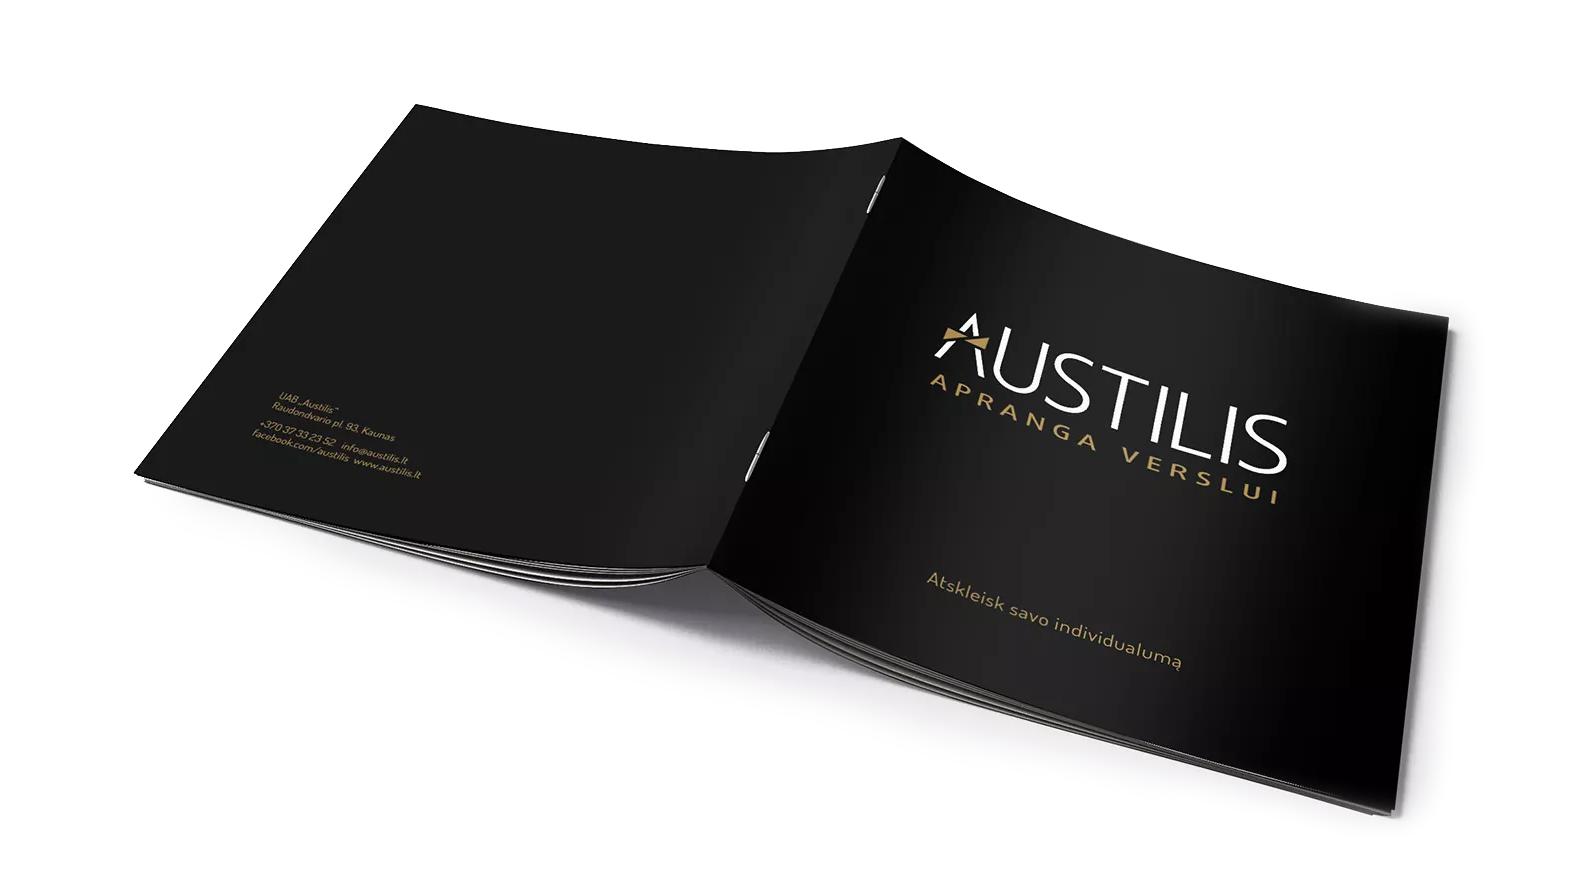 Austilis Brosiuros Dizainas